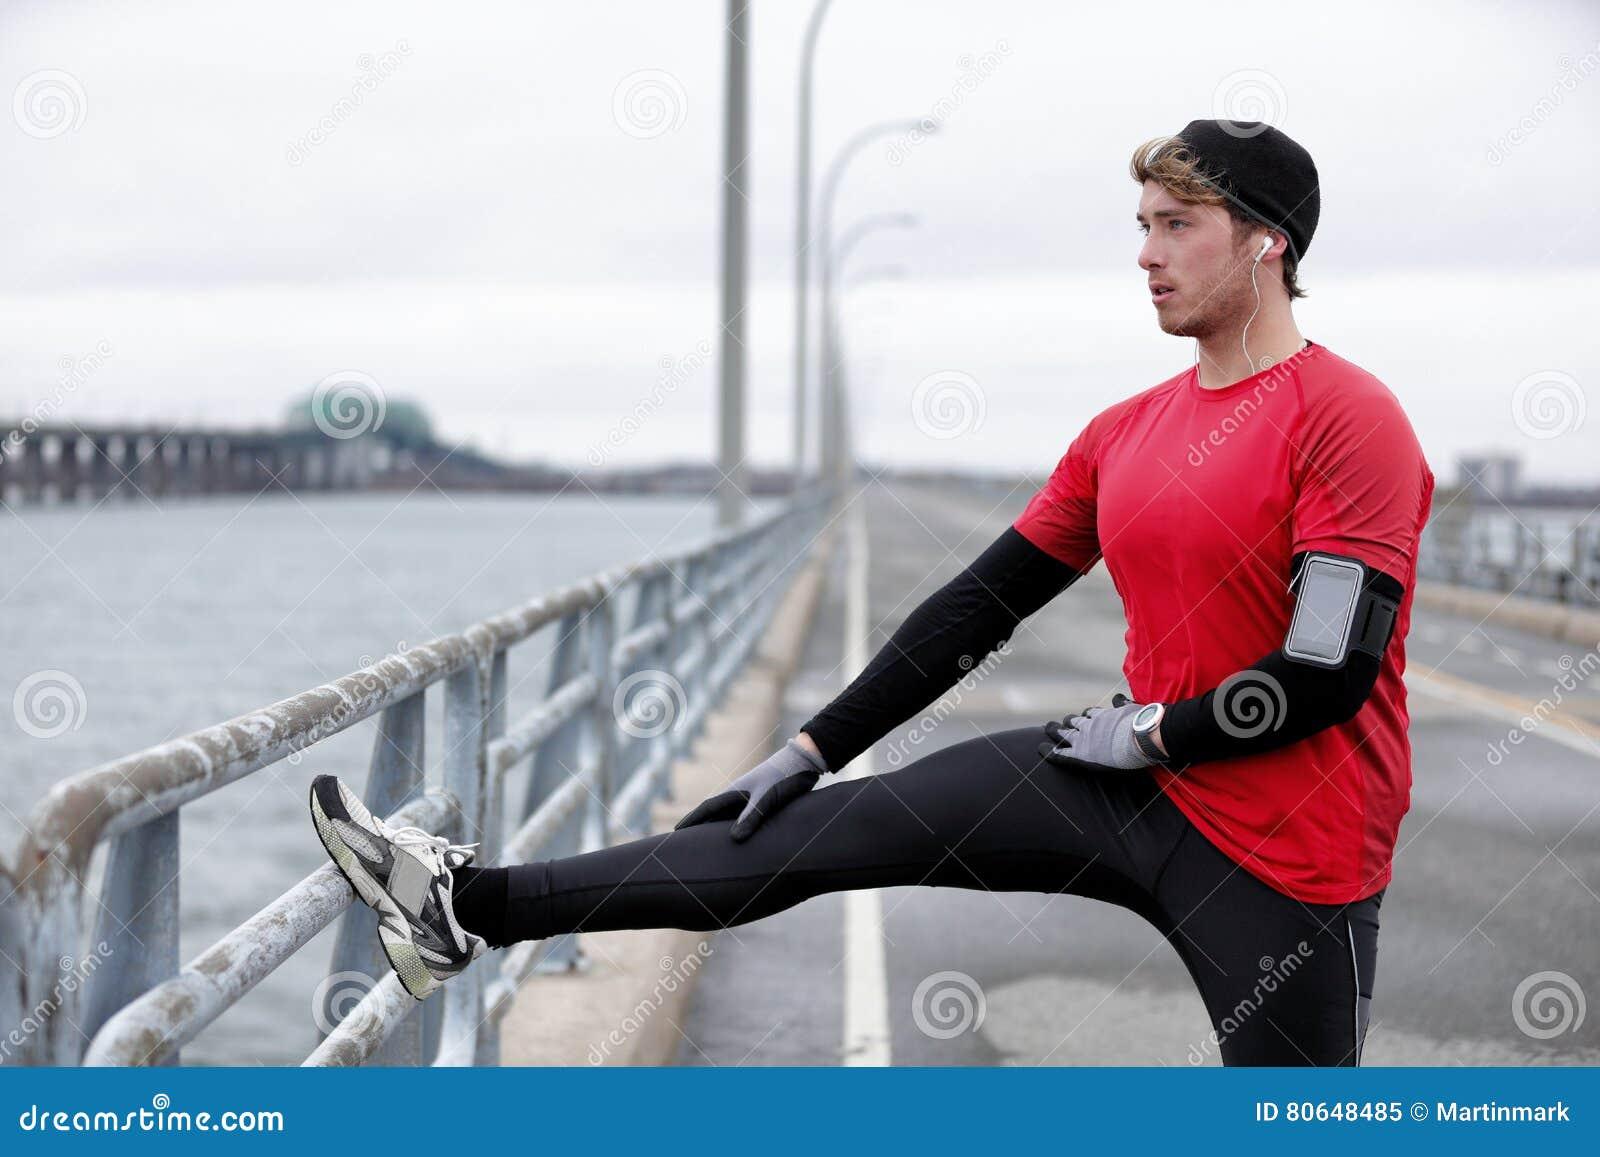 Τρέχοντας πόδια τεντώματος προθέρμανσης ατόμων χειμερινής ικανότητας